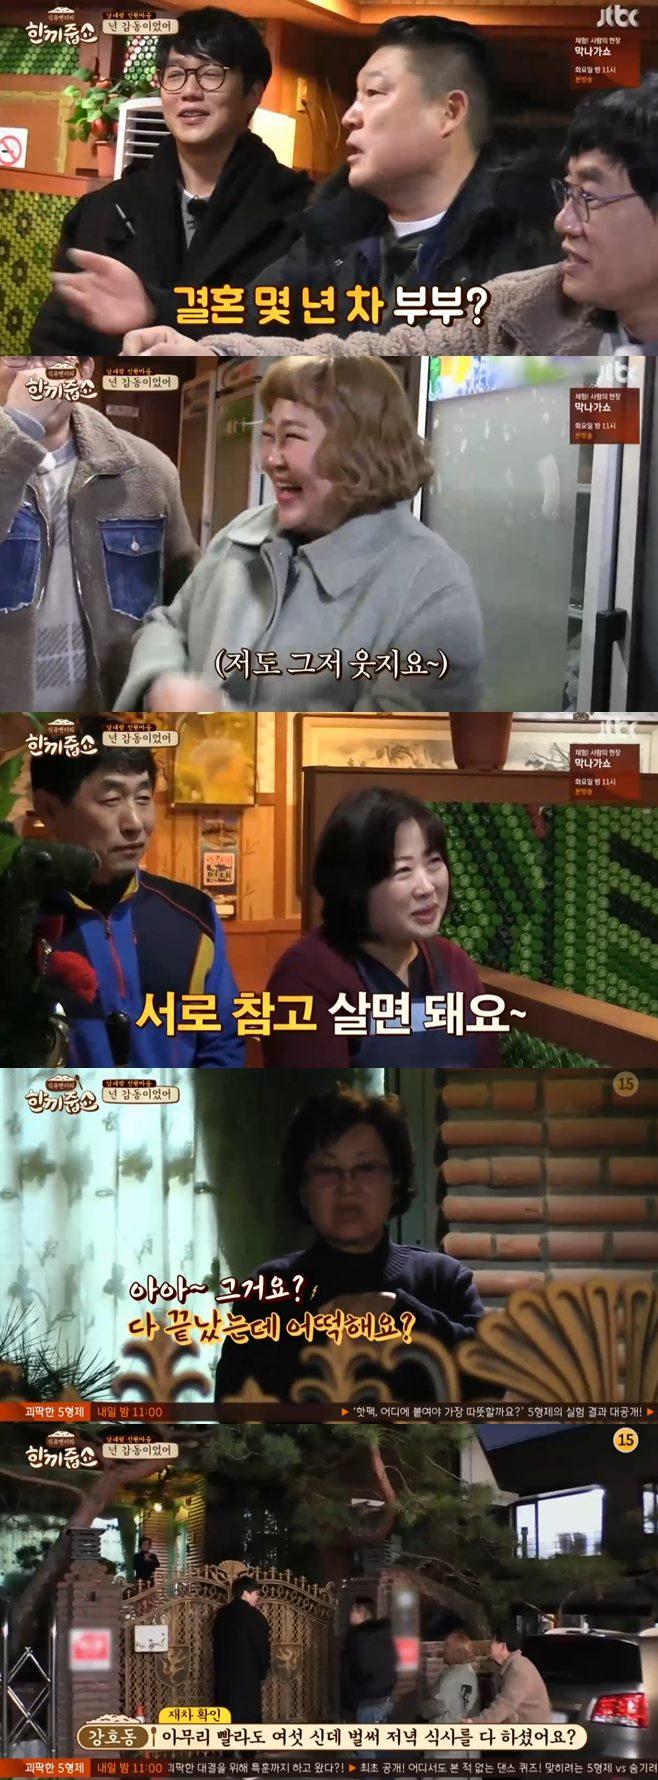 한끼줍쇼 강호동 이경규 성시경 홍윤화 남태령 전원마을